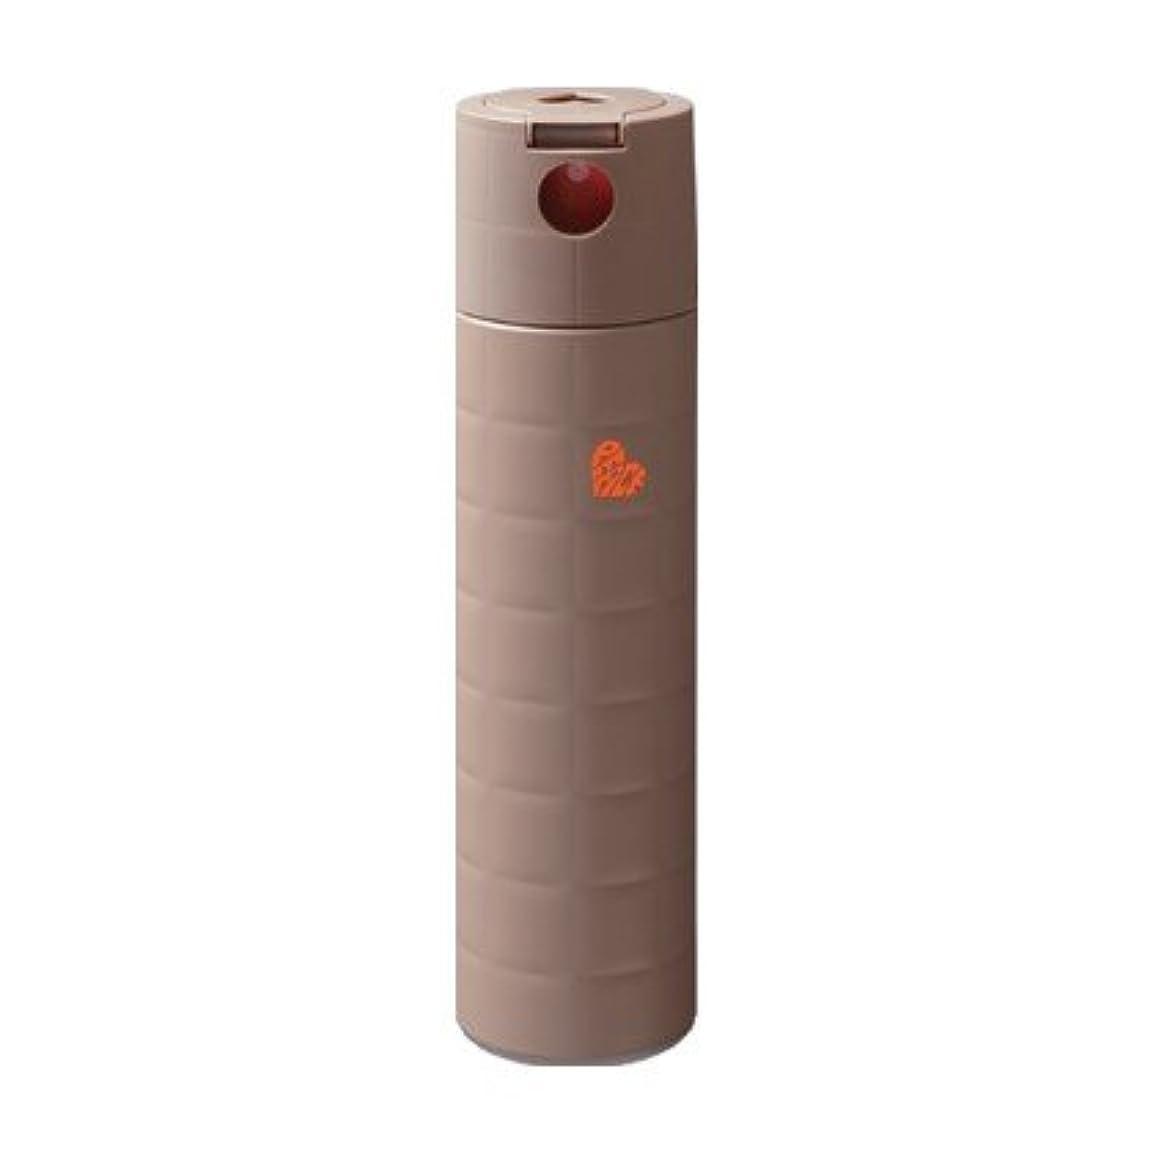 うがいソーシャル照らすアリミノ ピース ワックスspray カフェオレ 143g(200ml) スプレーライン ARIMINO PEACE